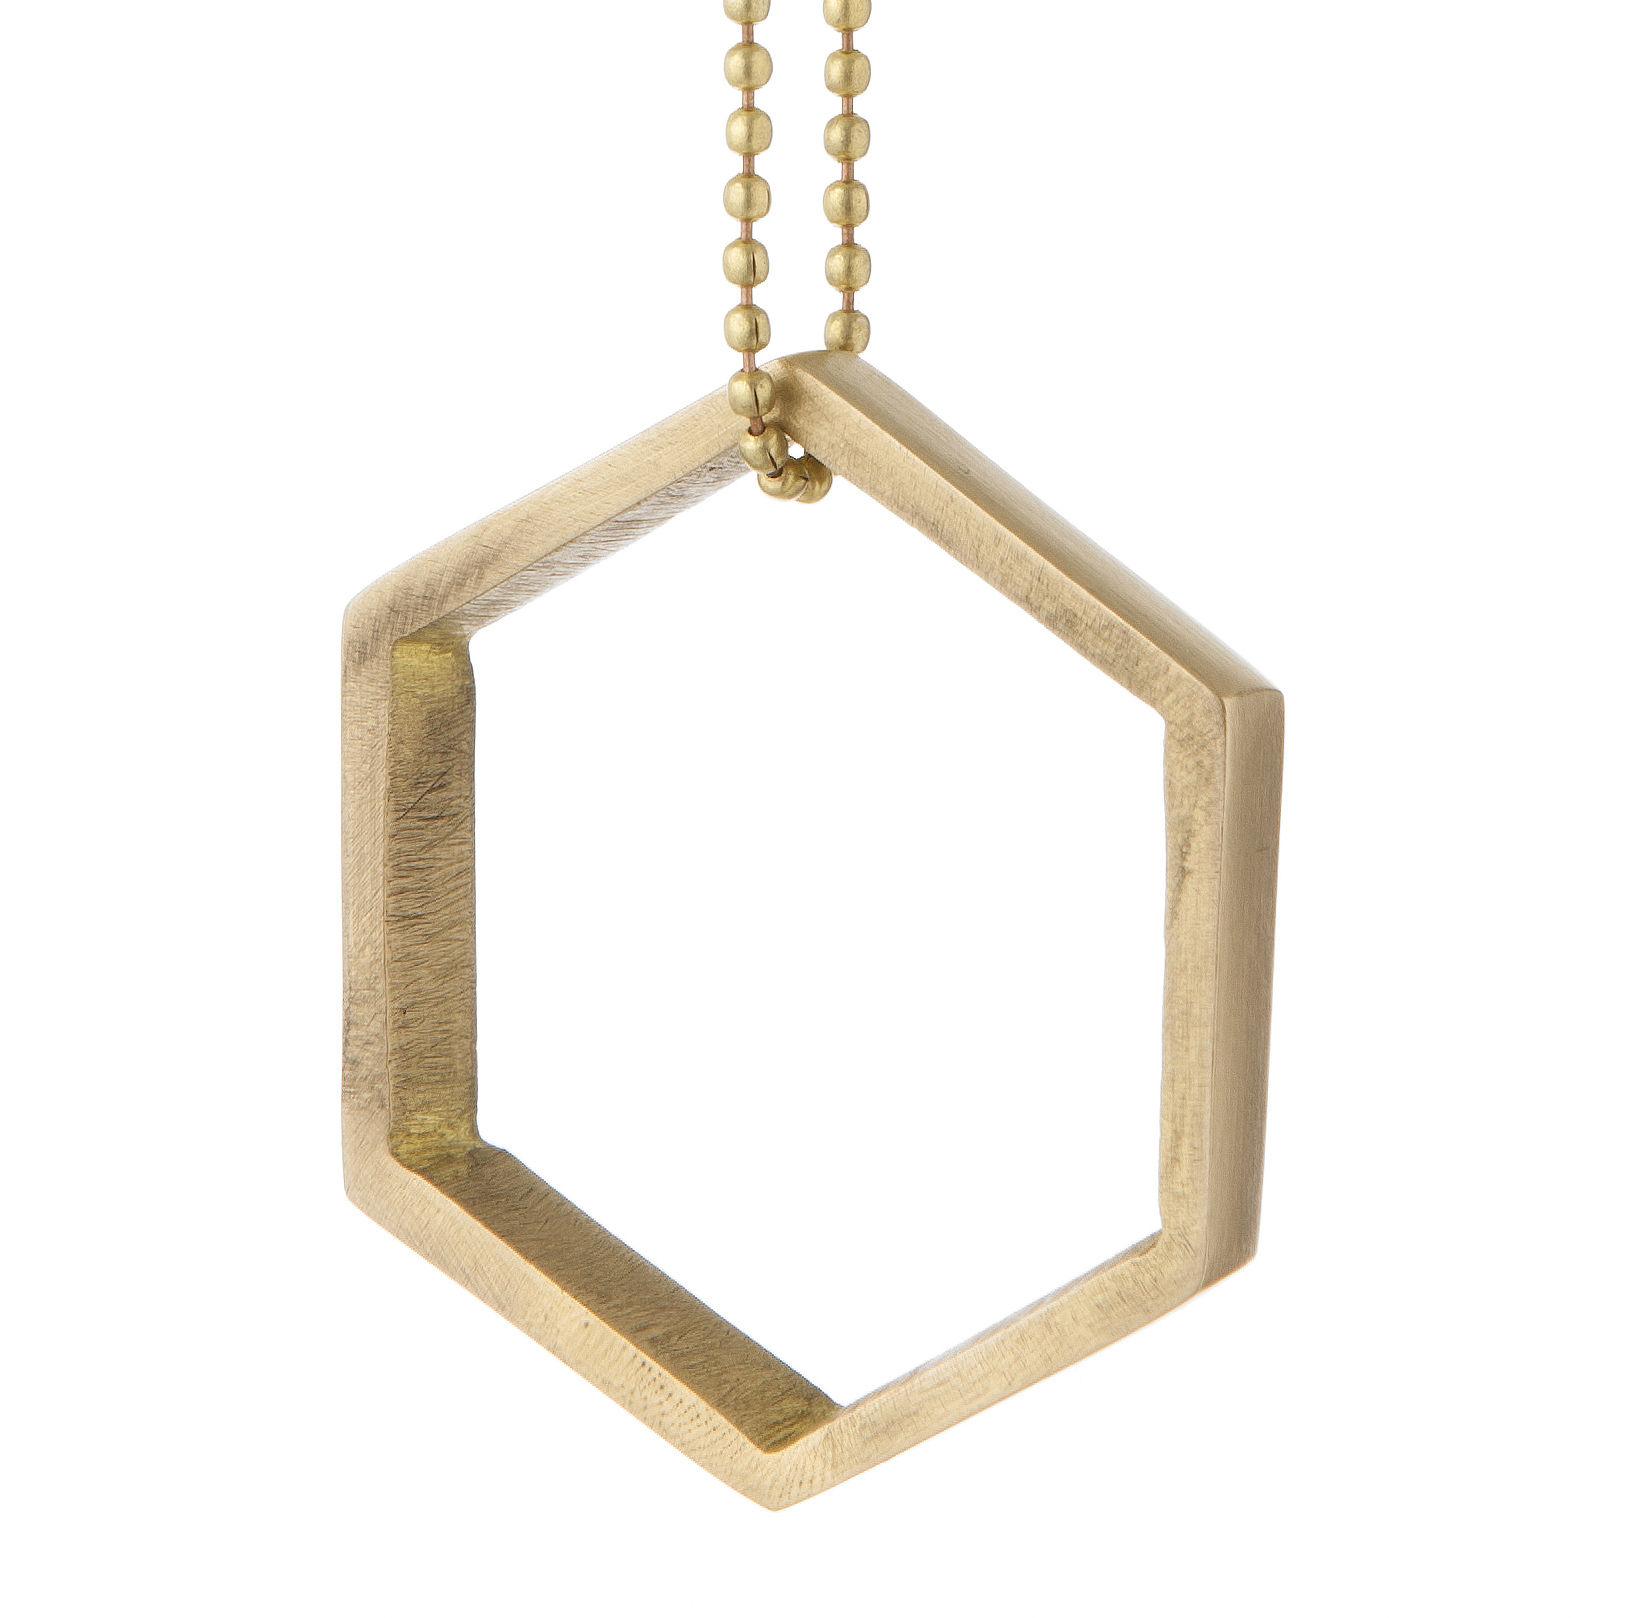 Déco - Objets déco et cadres-photos - Boule de Noël Brass Ornament / Hexagon - Ferm Living - Hexagon / Laiton - Laiton